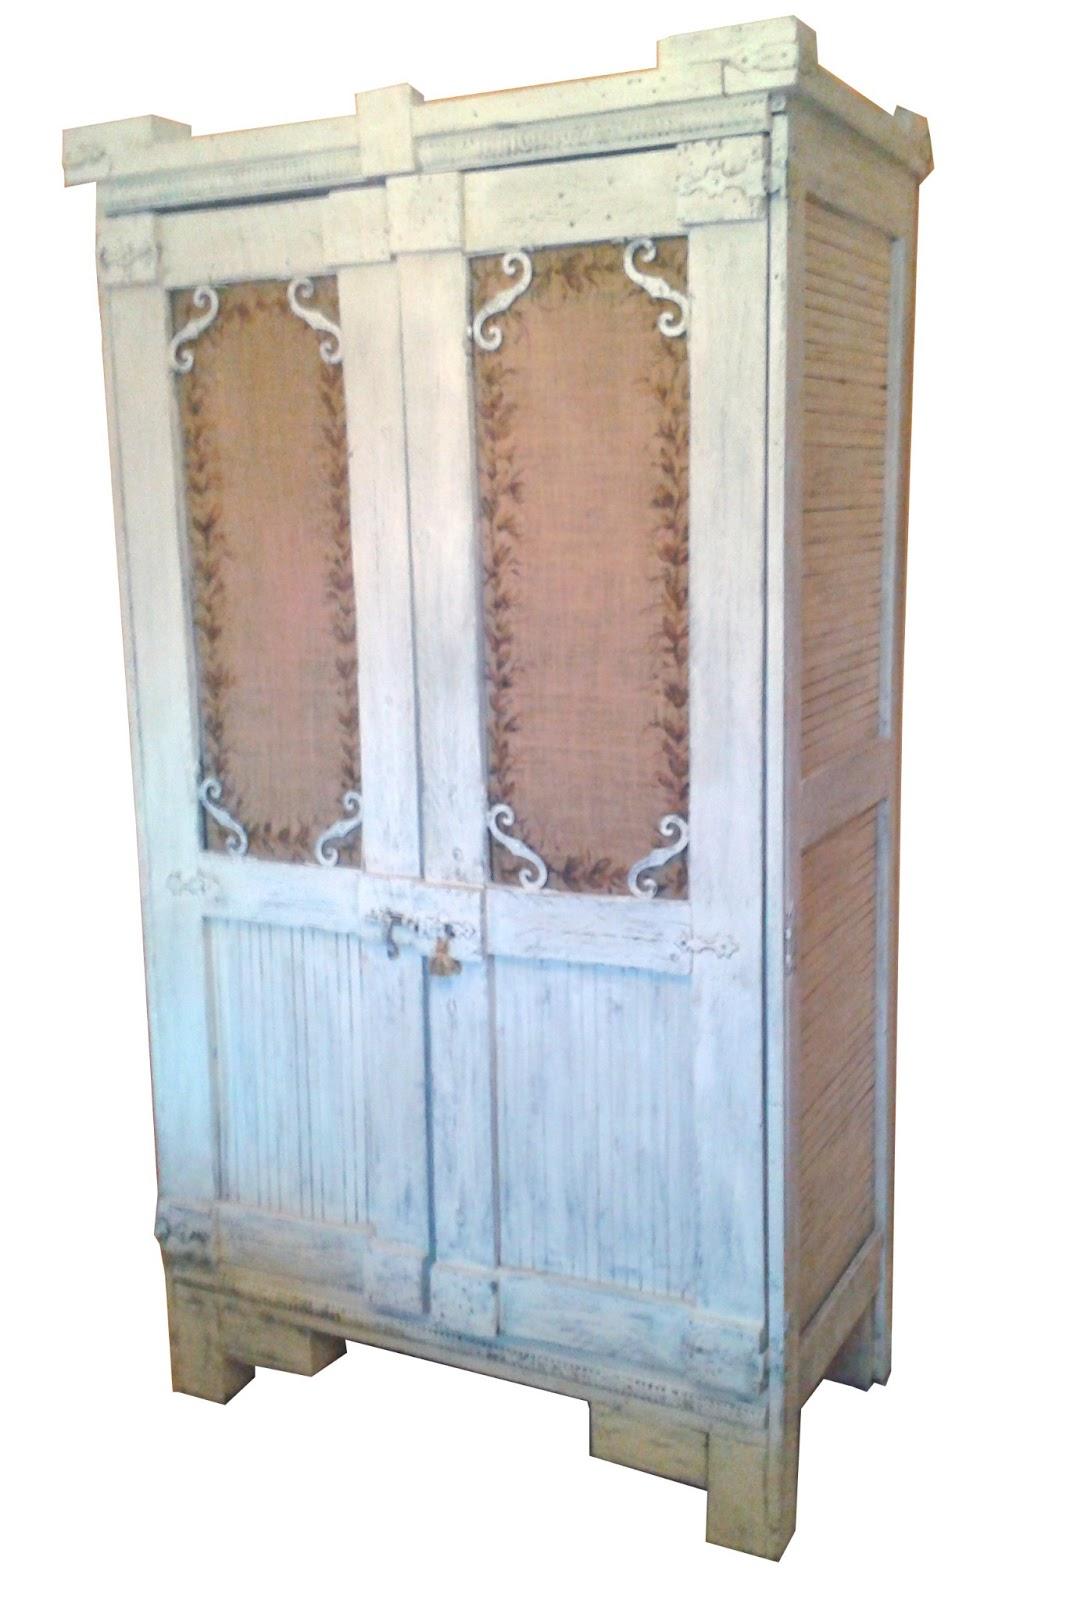 La magia de rudi pintura art stica muebles artesanales - Armarios roperos rusticos ...